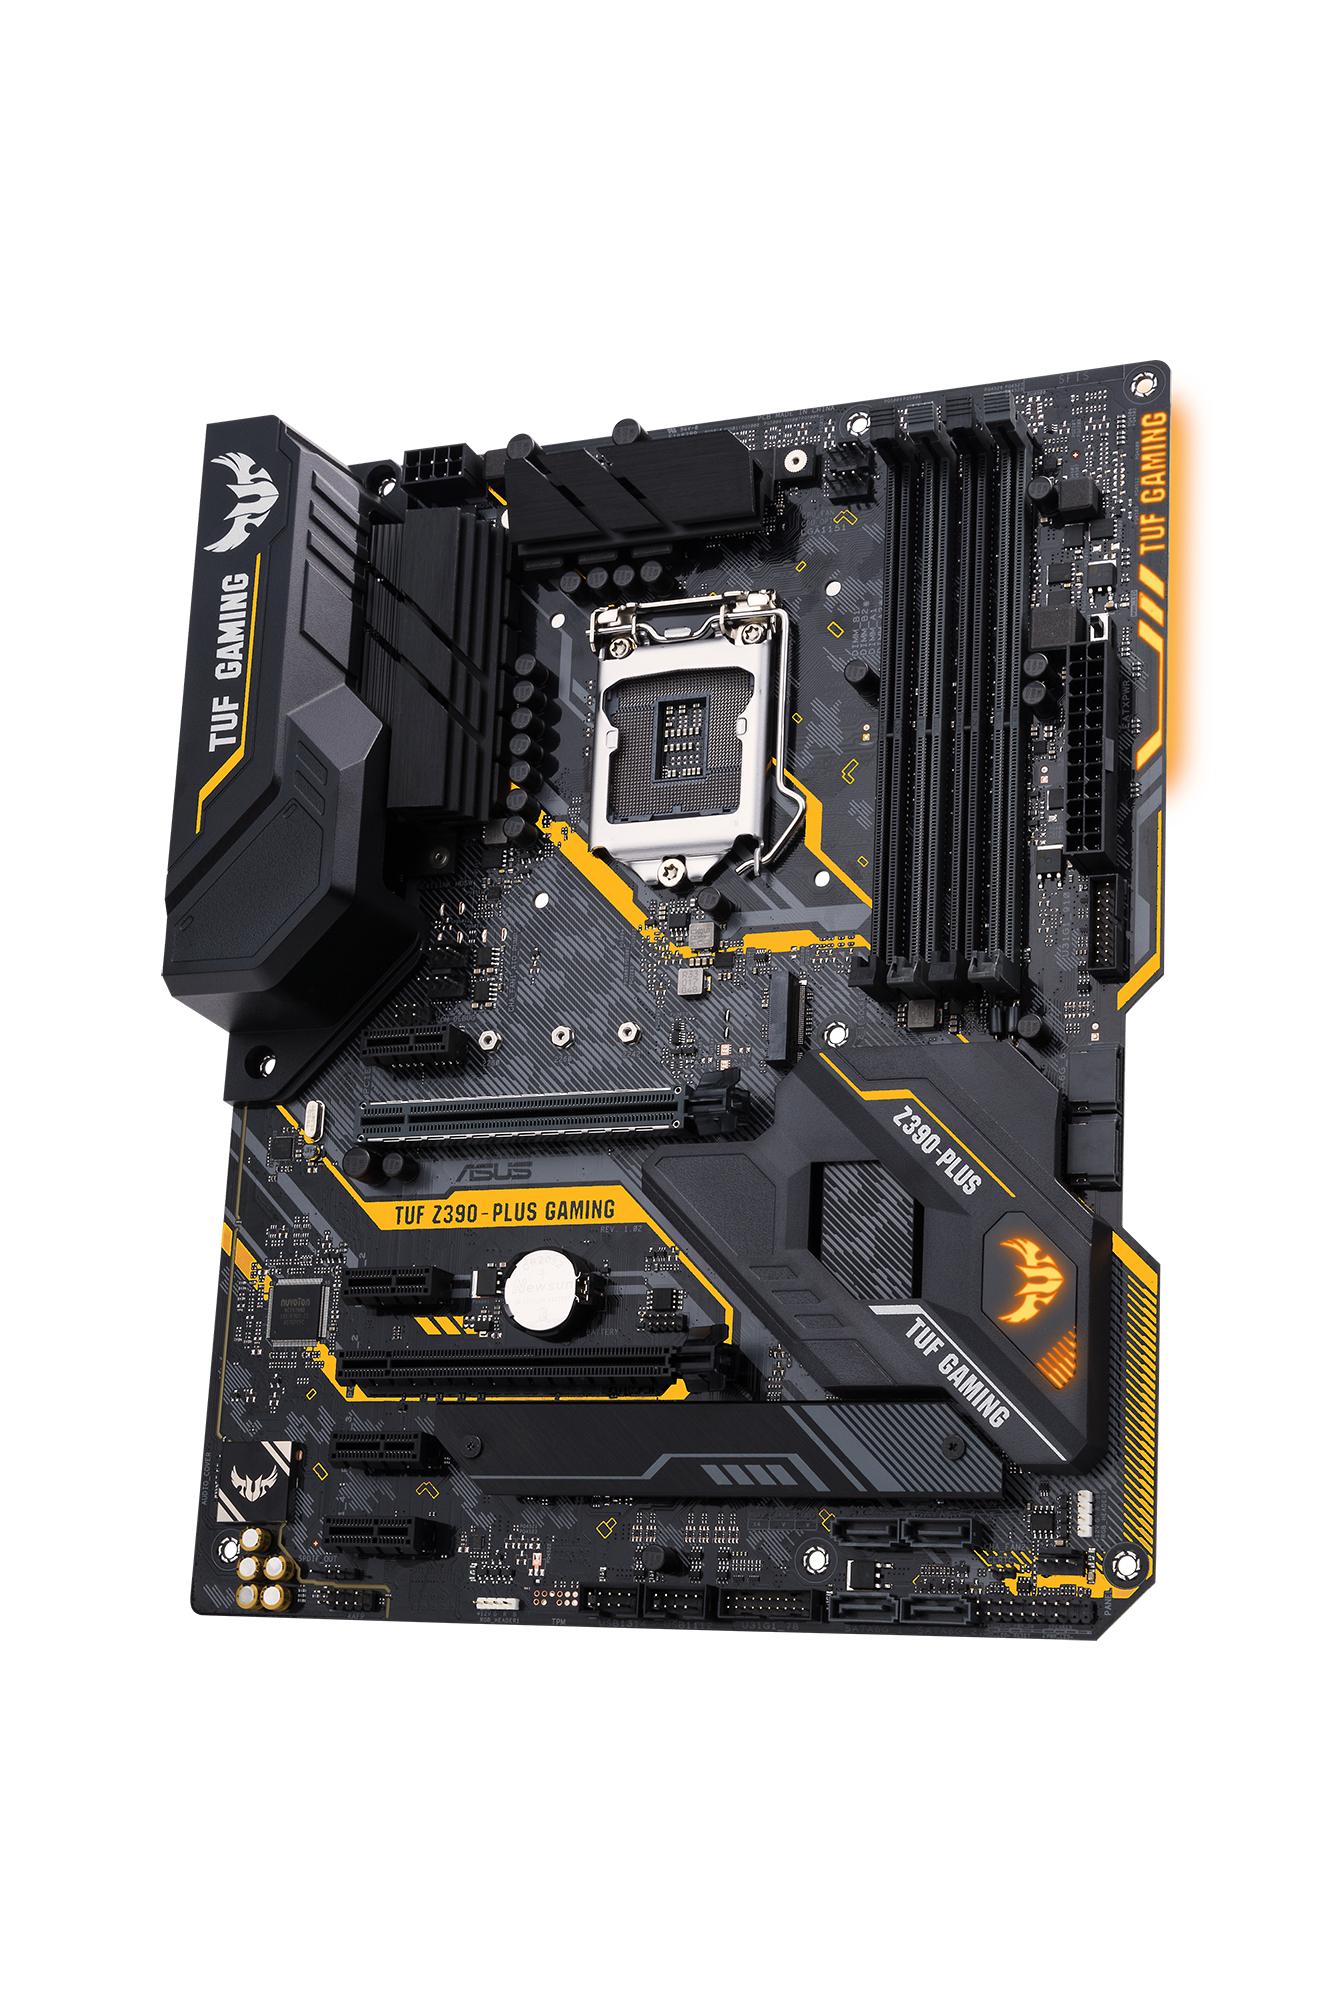 ASUS TUF Z390-PLUS GAMING moederbord LGA 1151 (Socket H4) ATX Intel Z390